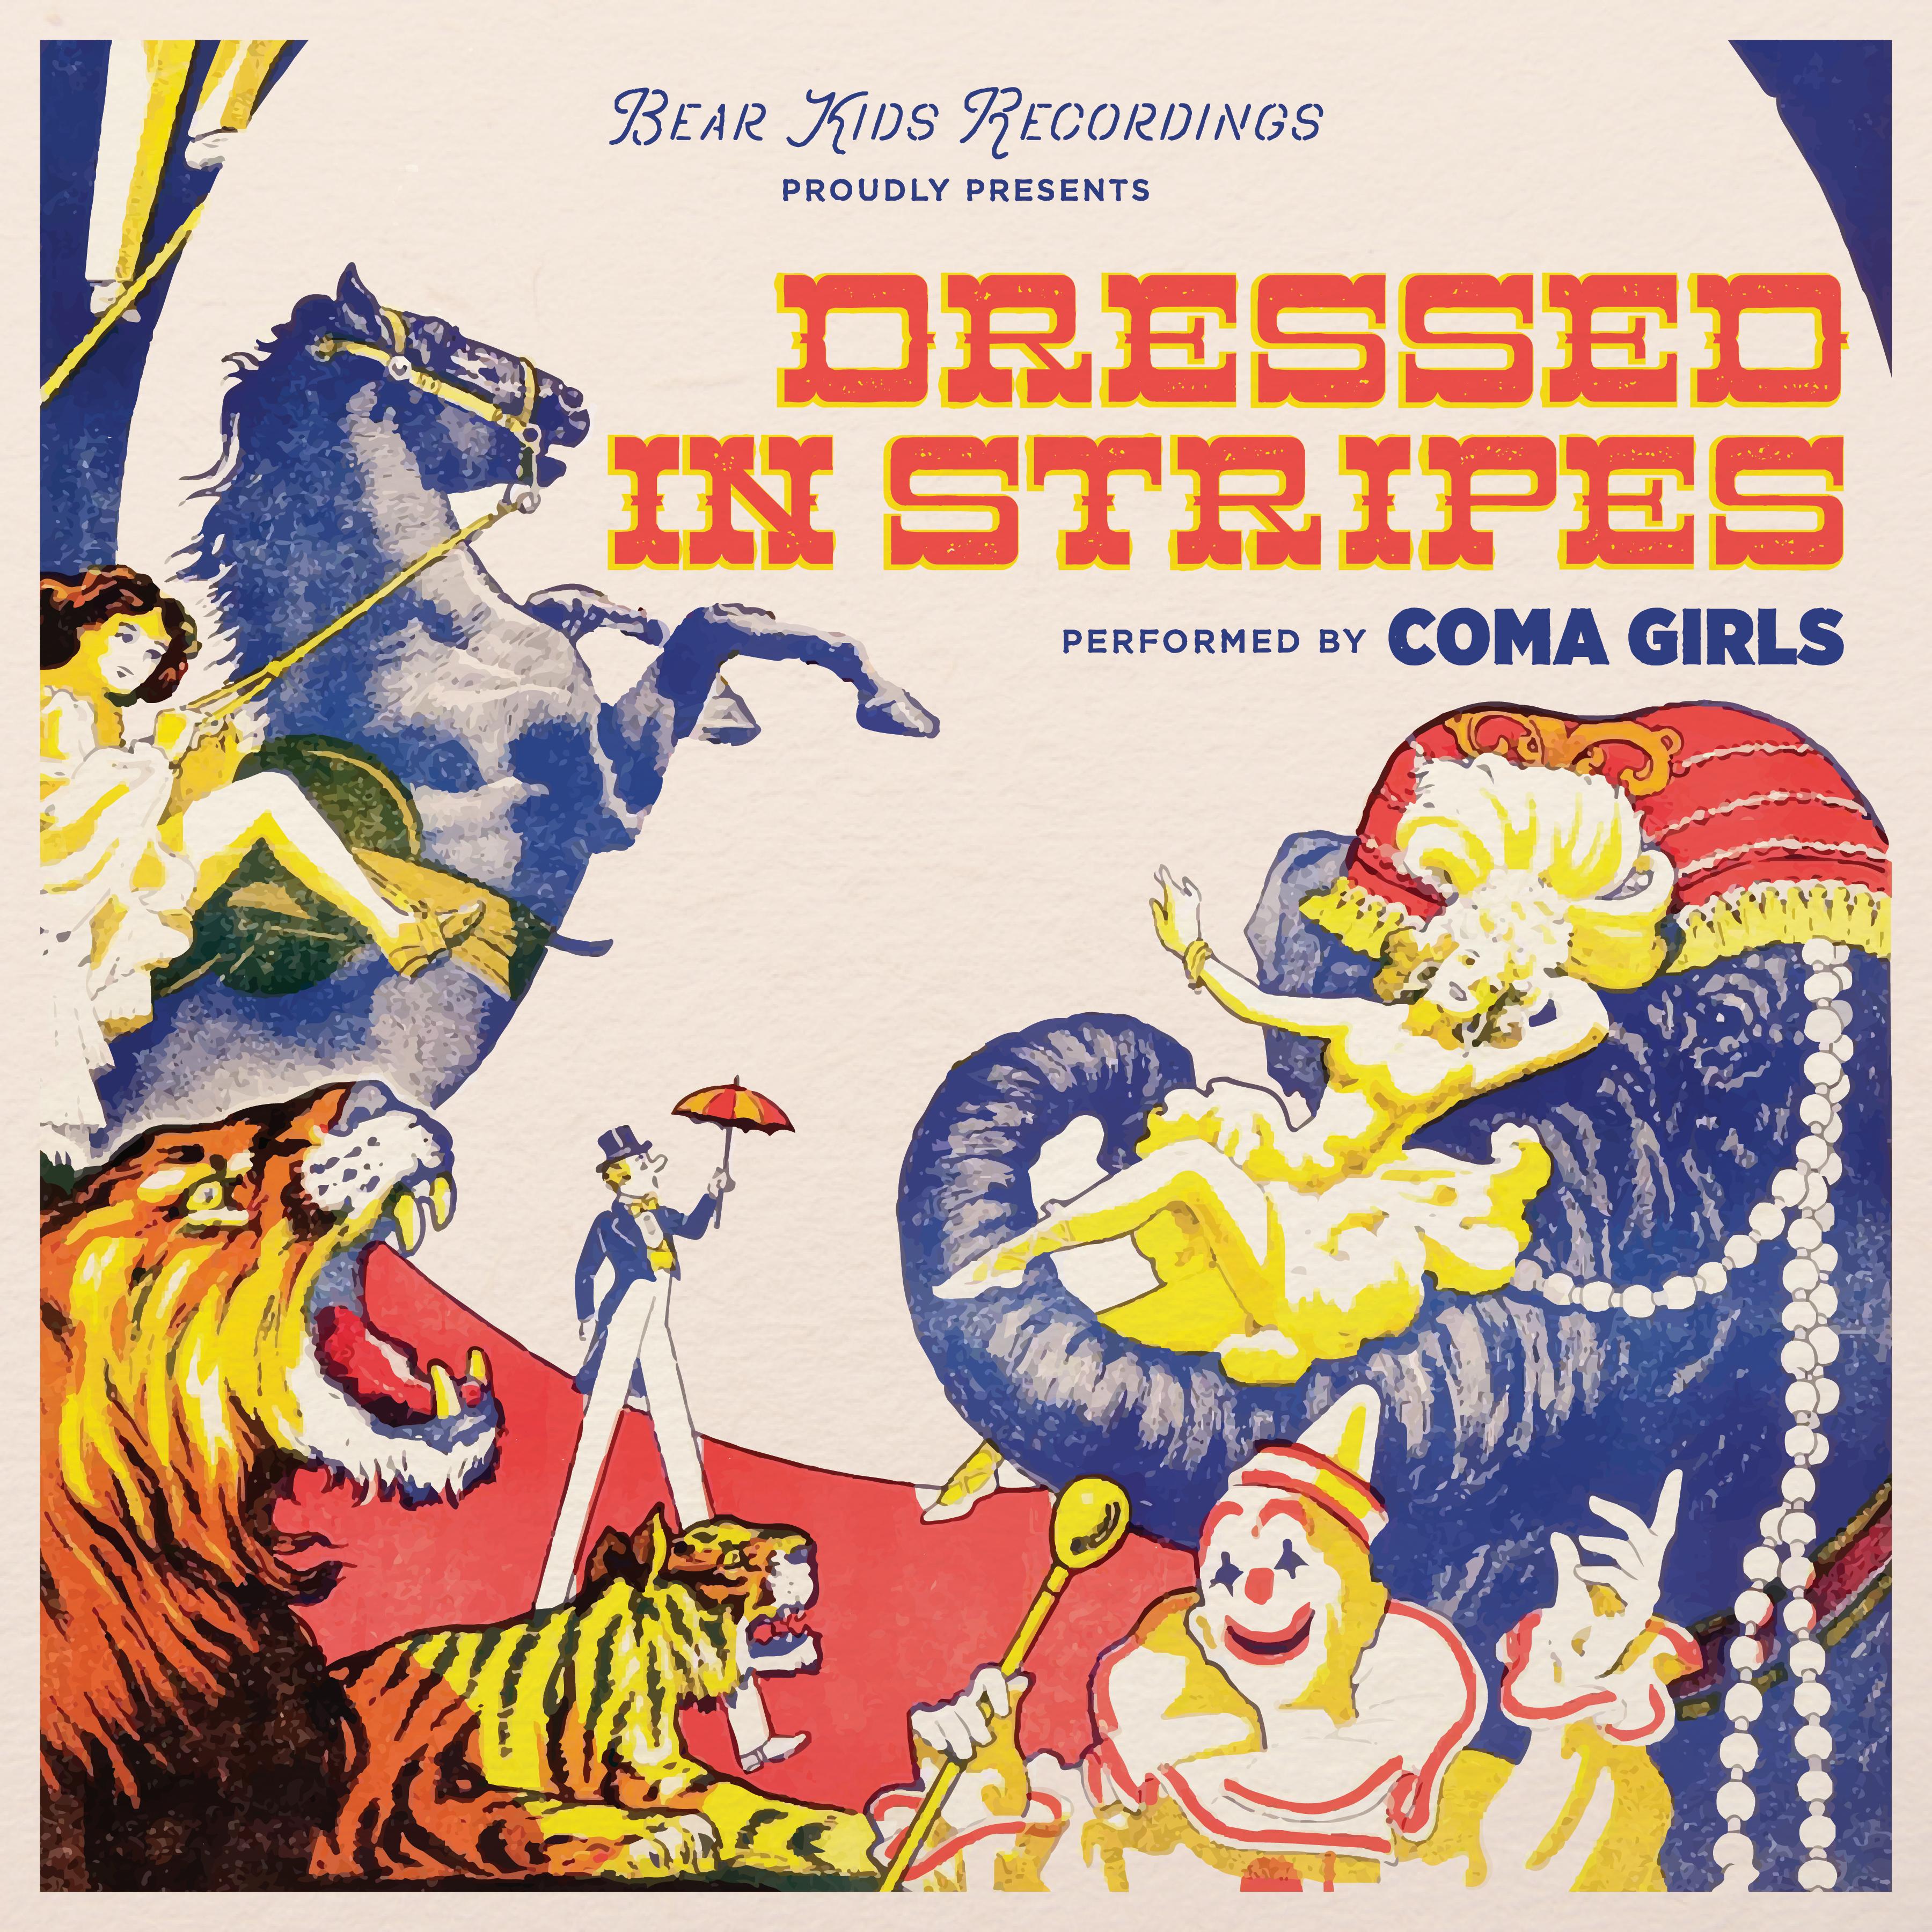 Coma Girls - <em>Dressed In Stripes</em>